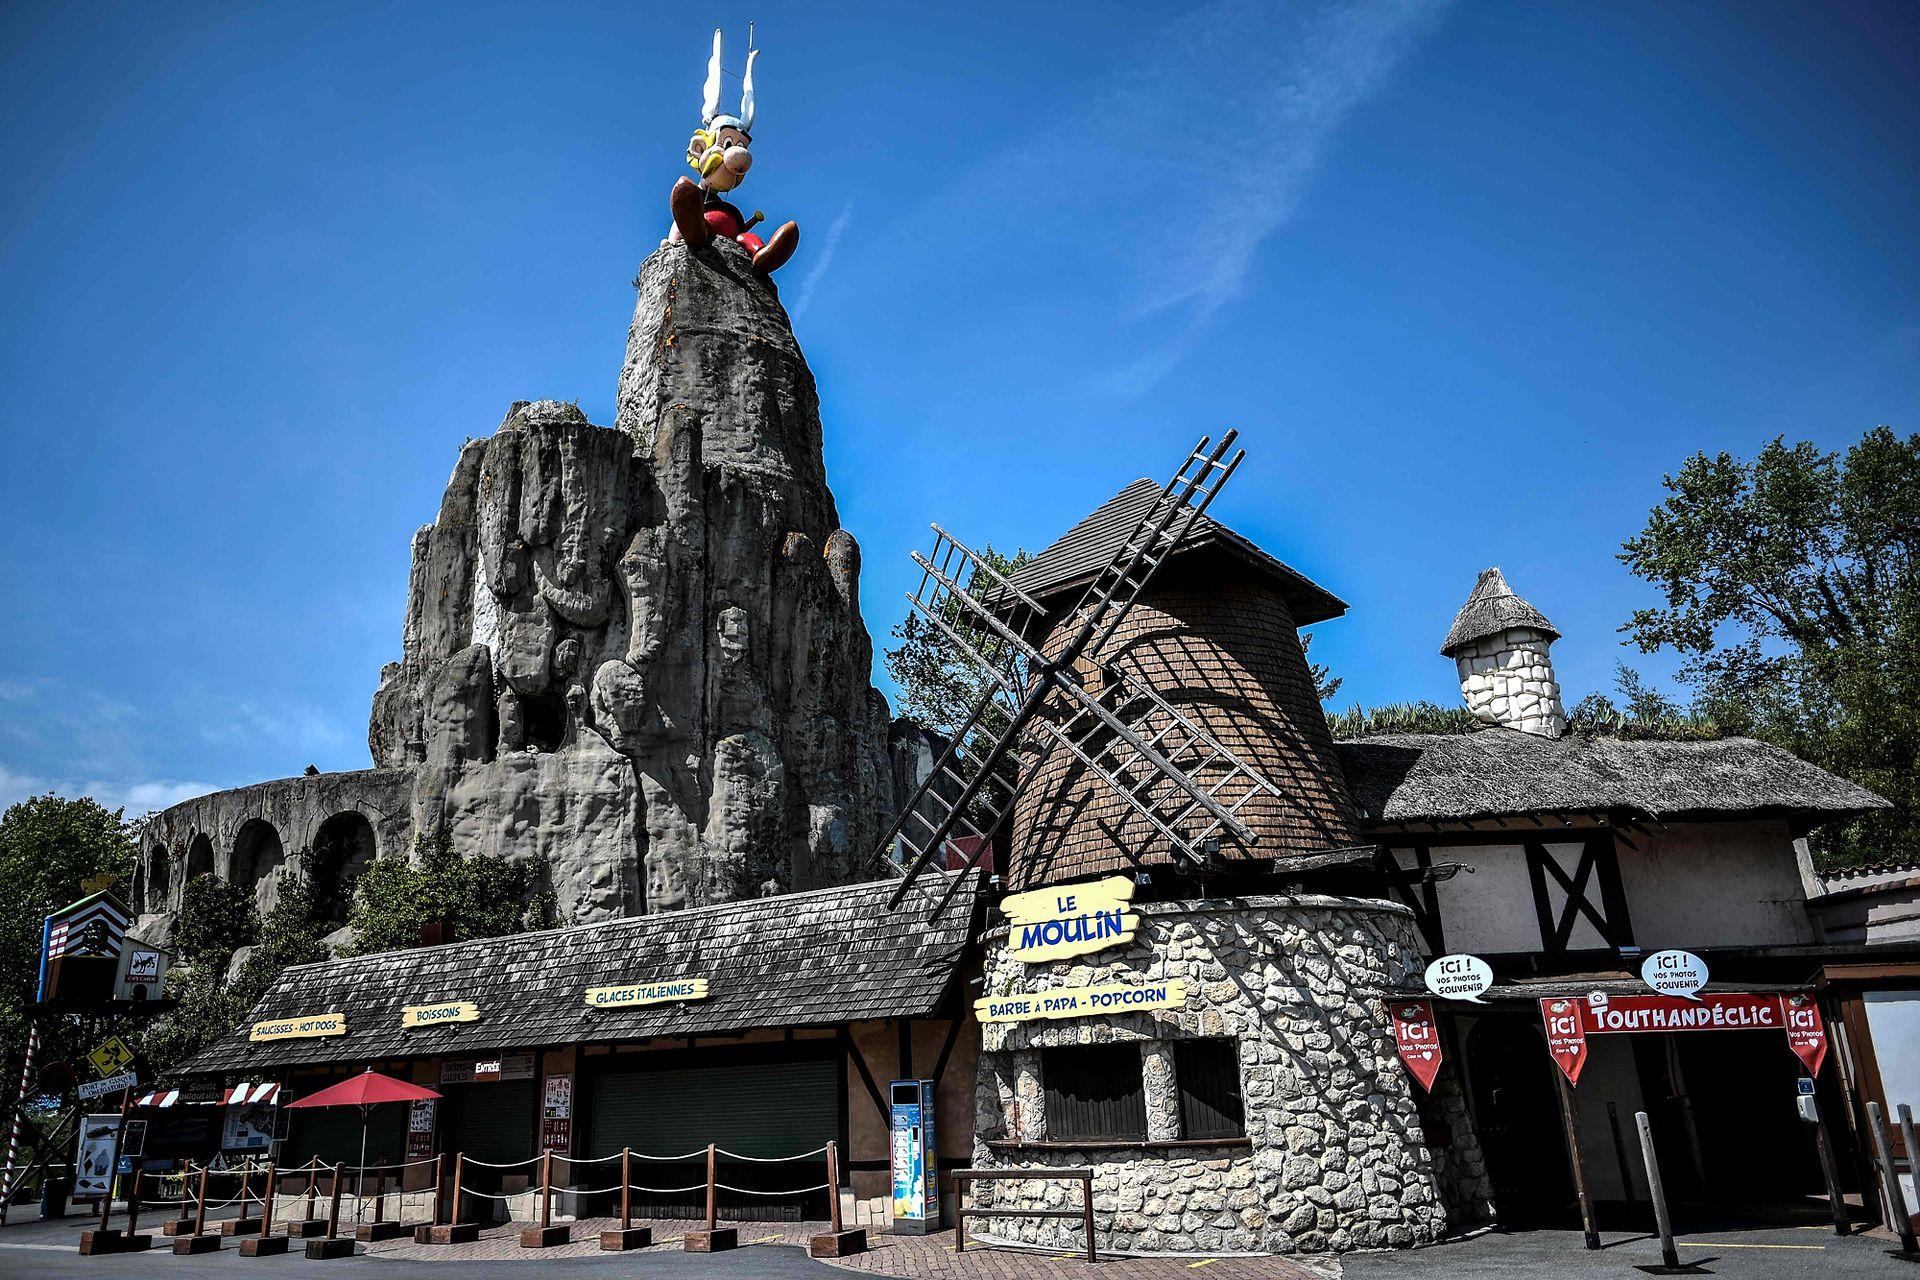 Parc Asterix se encuentra a 35 km al norte de París, su ubicación es estratégica ya que es de fácil acceso en coche y transporte público